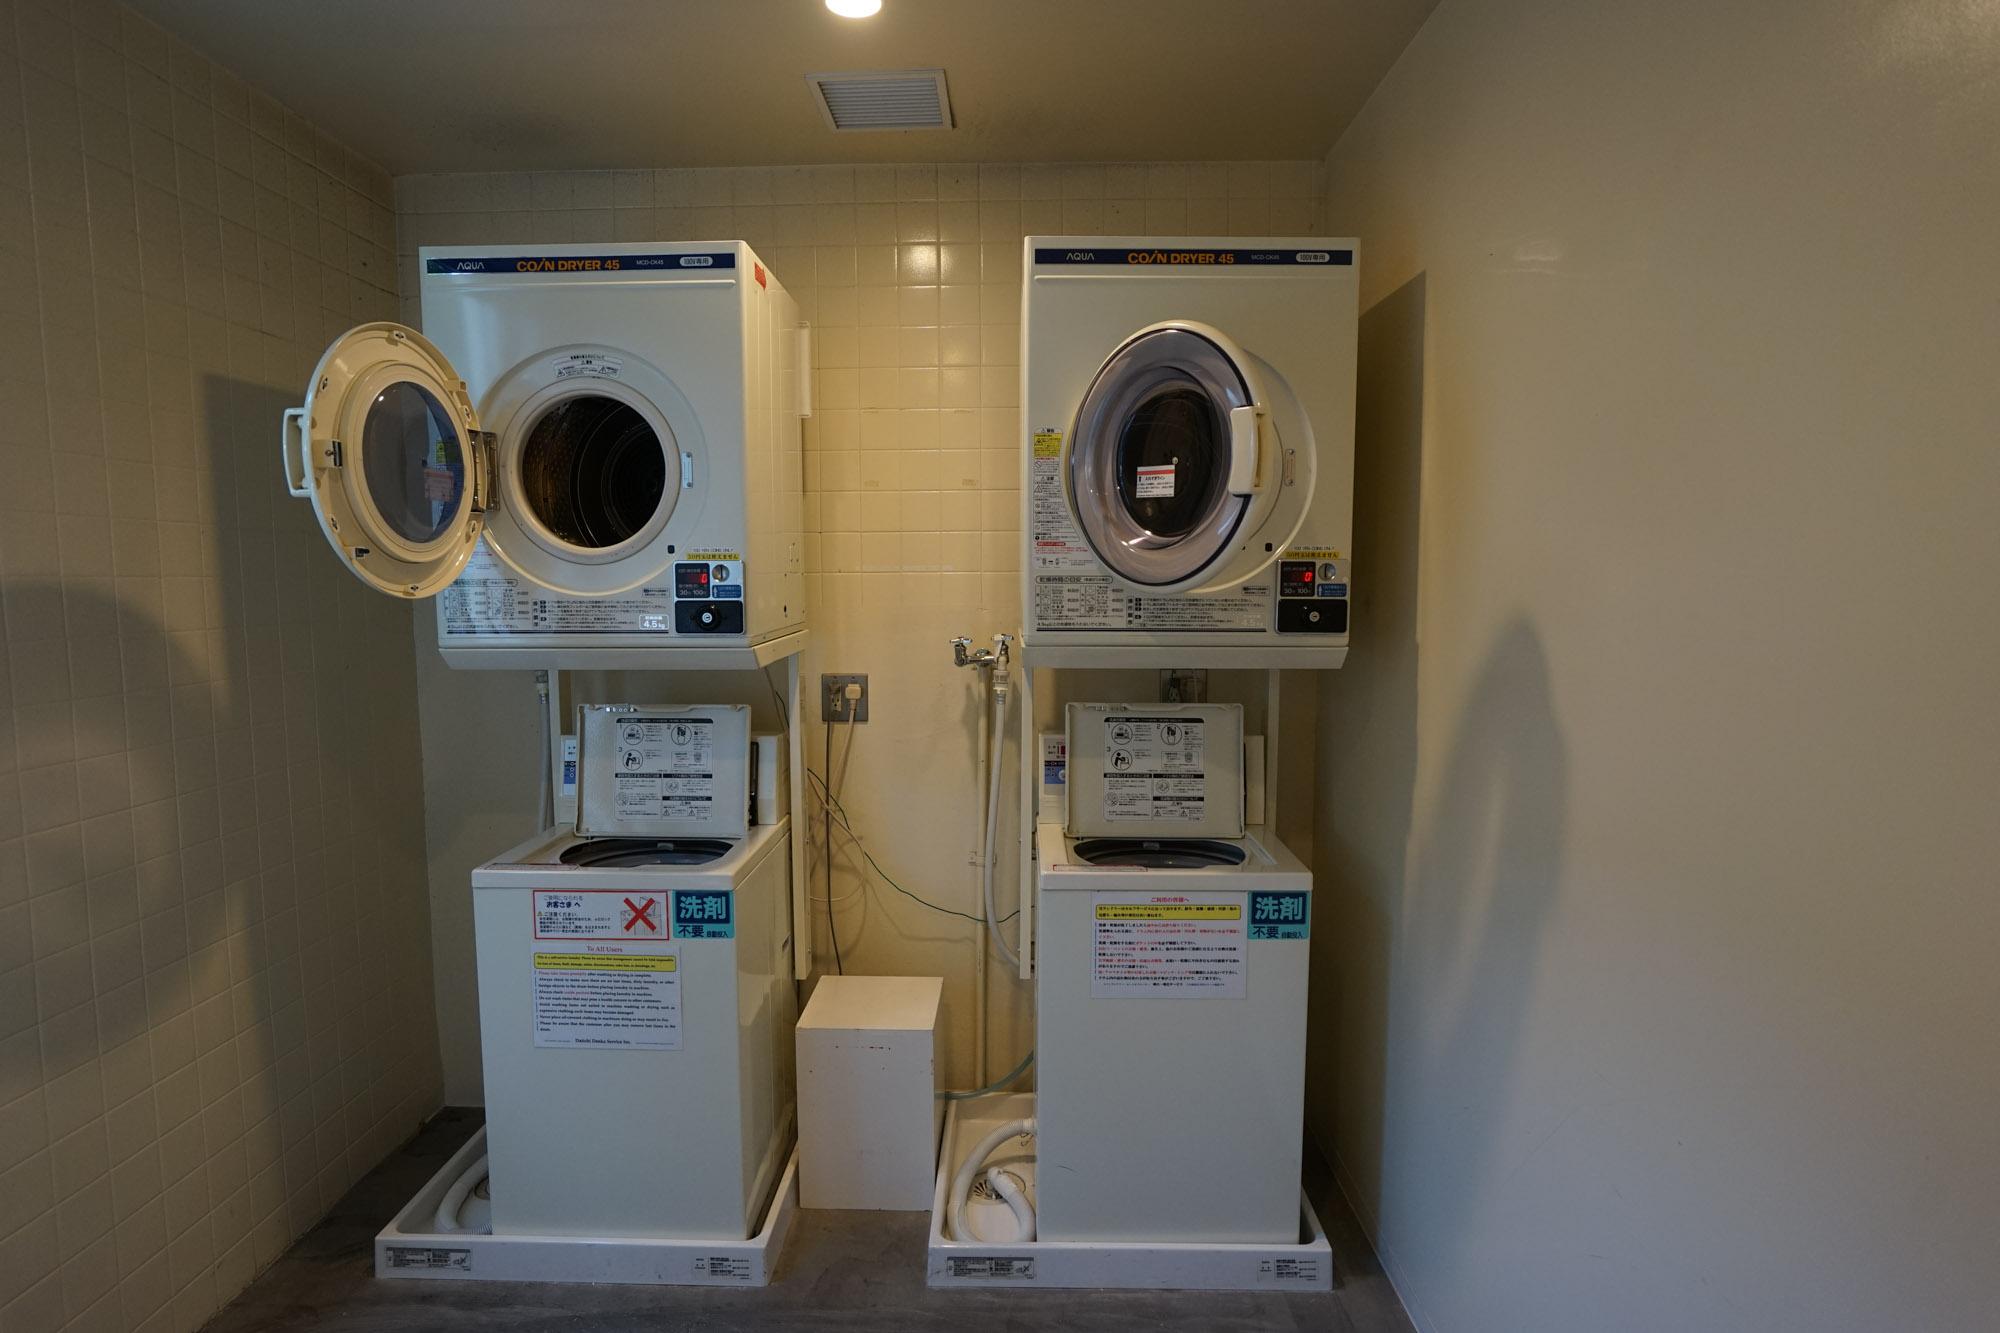 洗濯と乾燥がセパレートのタイプ。乾燥機は分数に合わせて料金を投入するので少量なら安くすみます(このホテルはこちら)